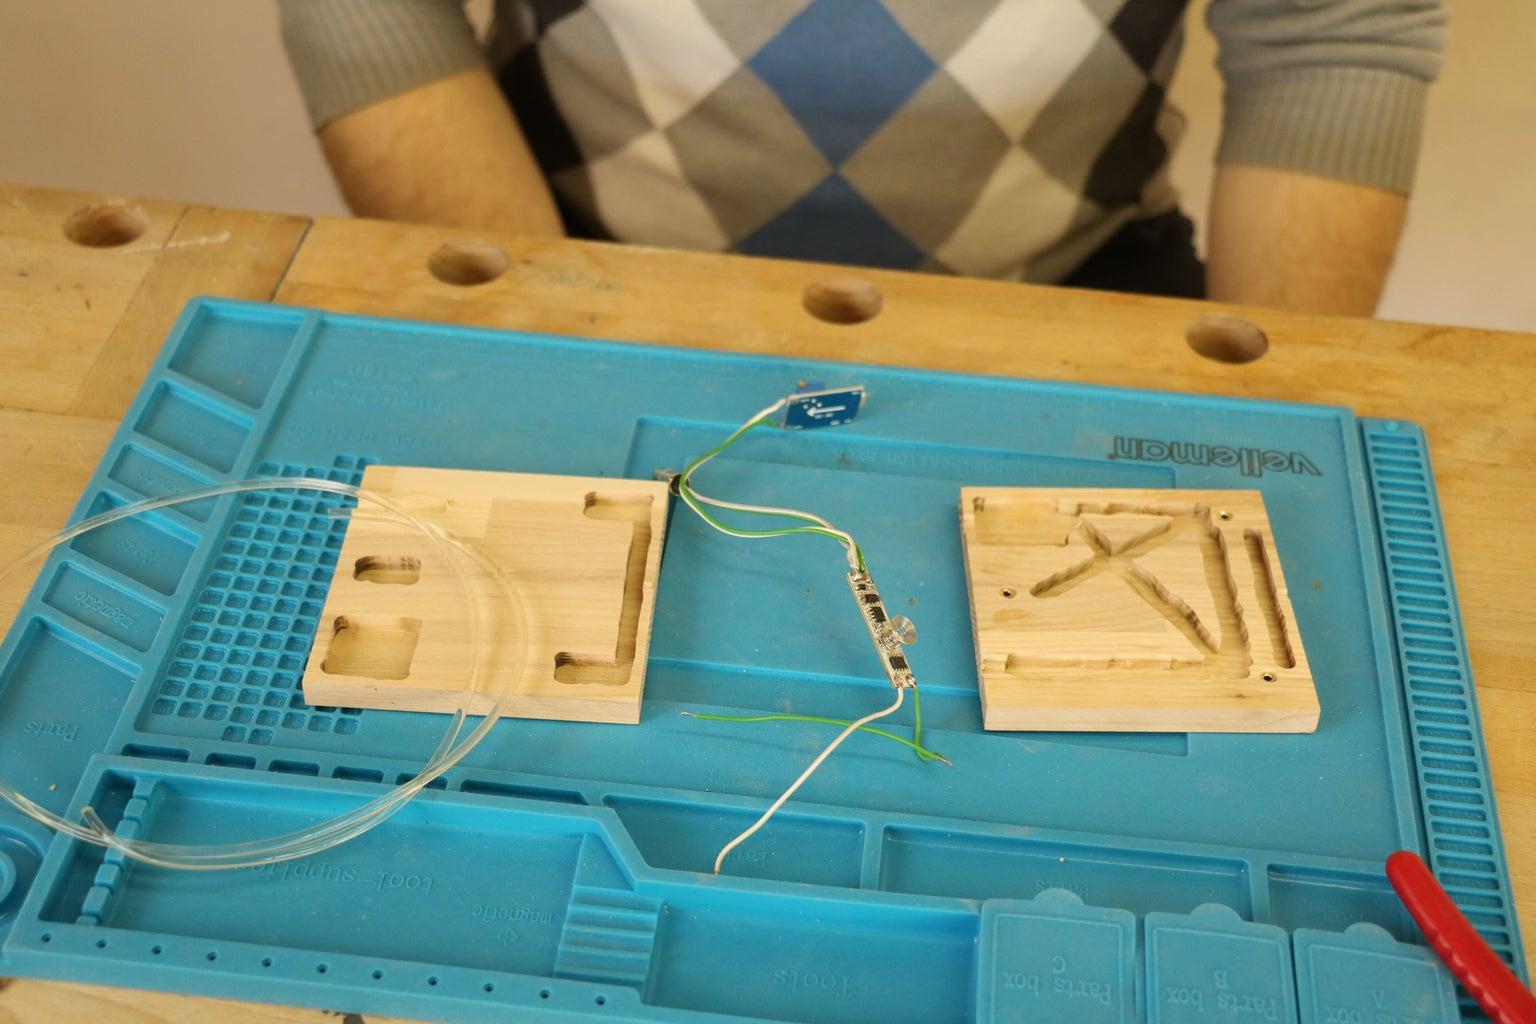 Small Base Electronics & Assembling